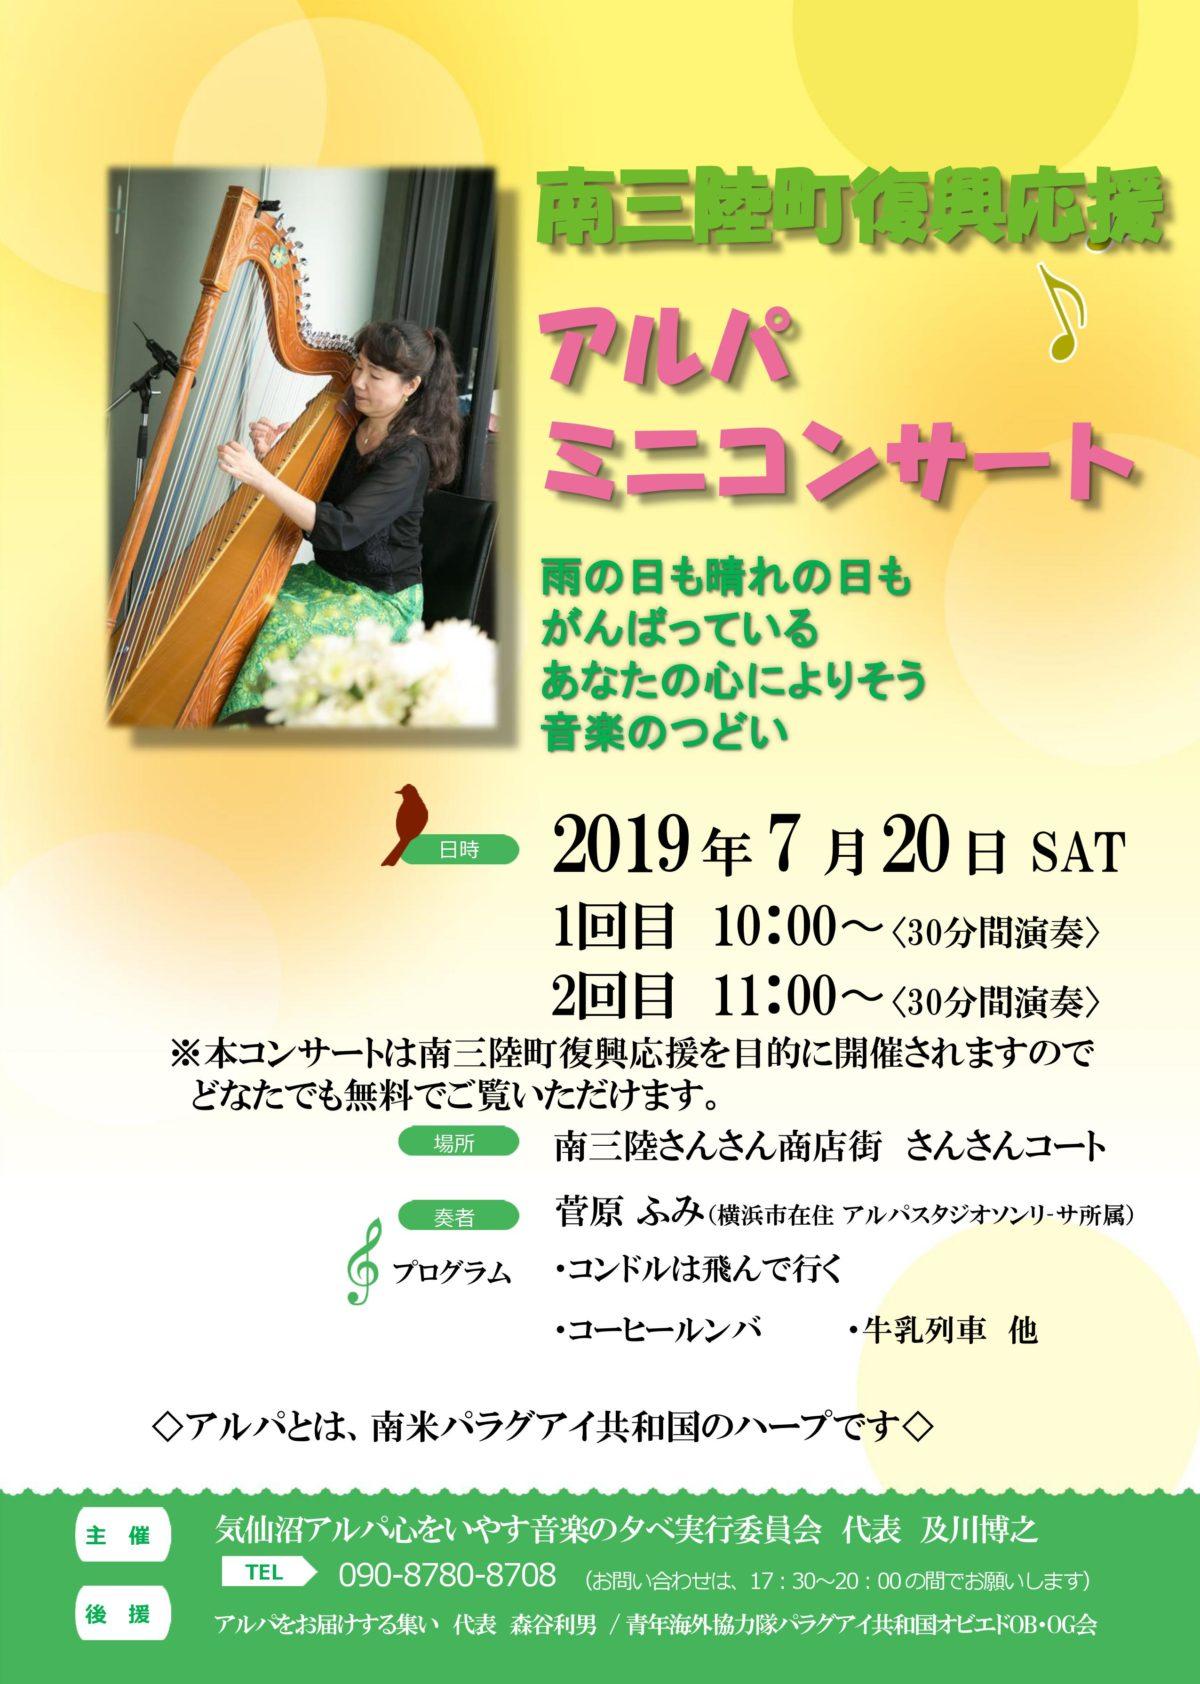 7月20日(土)『南三陸町復興応援 アルパミニコンサート』を開催!